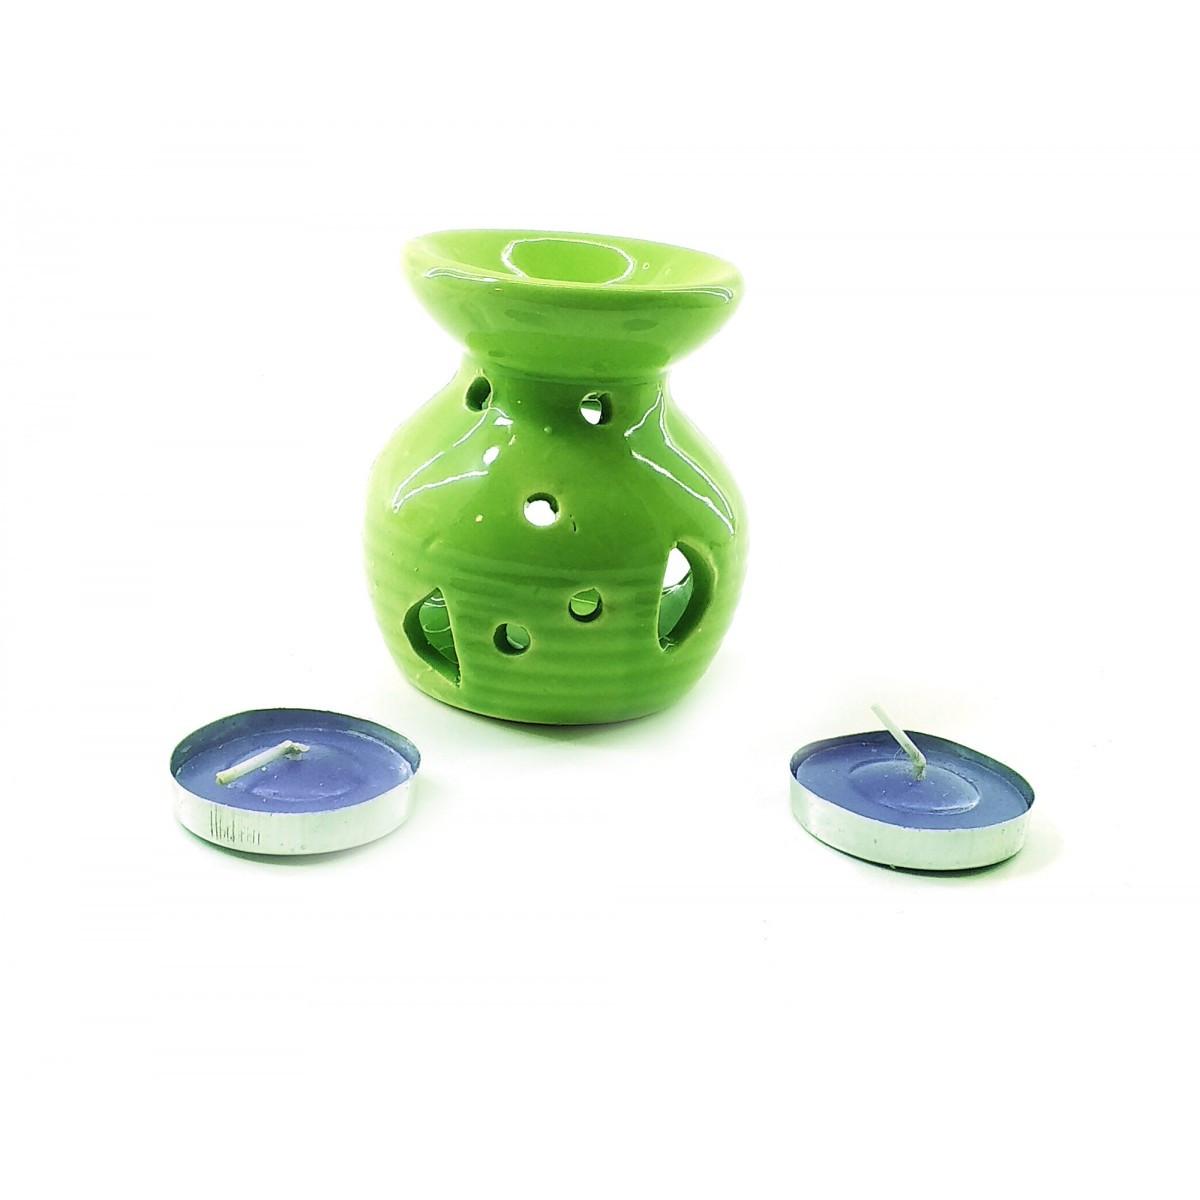 Аромалампа керамічна, подарунковий набір зелена (12,5х8х7,5 см)